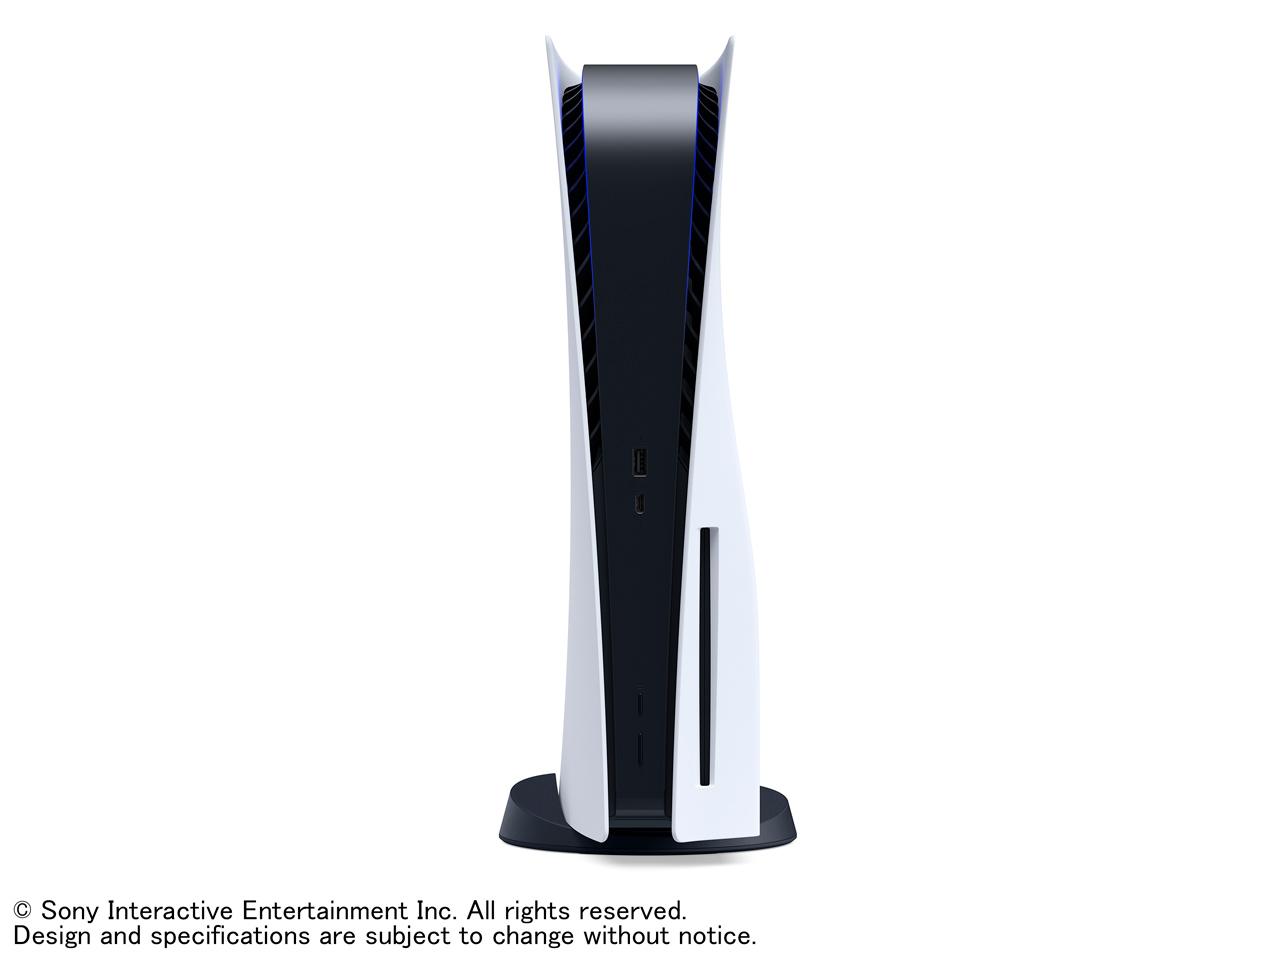 『本体 正面』 プレイステーション5 の製品画像